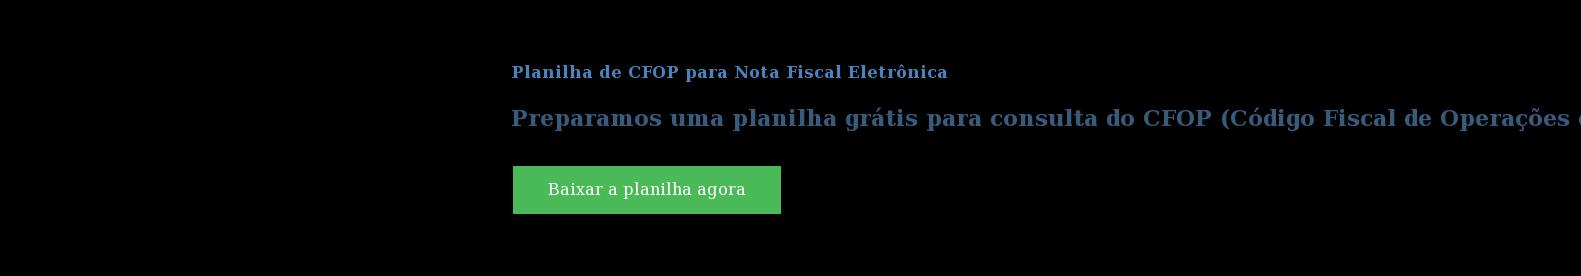 Planilha de CFOP para Nota Fiscal Eletrônica  Preparamos uma planilha grátis para consulta do CFOP (Código Fiscal de  Operações e Prestações) para nota fiscal eletrônica Baixar a planilha agora